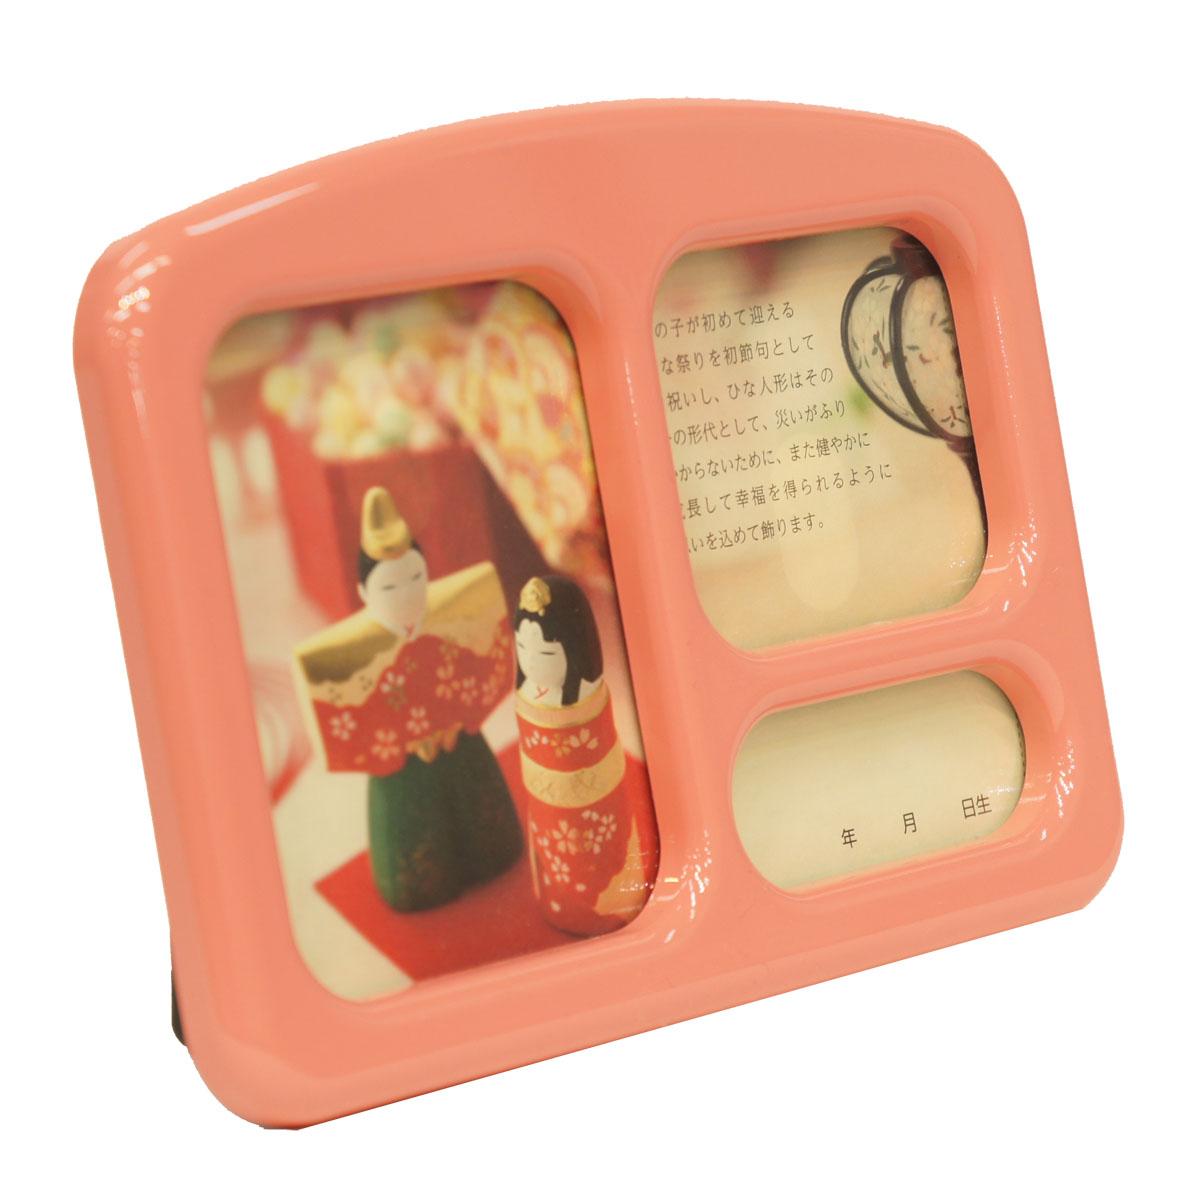 おひなさまと一緒にお子様のお写真を飾りませんか? ひな祭り 桃の節句用 フォトフレーム オルゴール付き HNOR-J-1-362 マーケティング 小 タイムセール BGM:うれしいひなまつり 写真立て